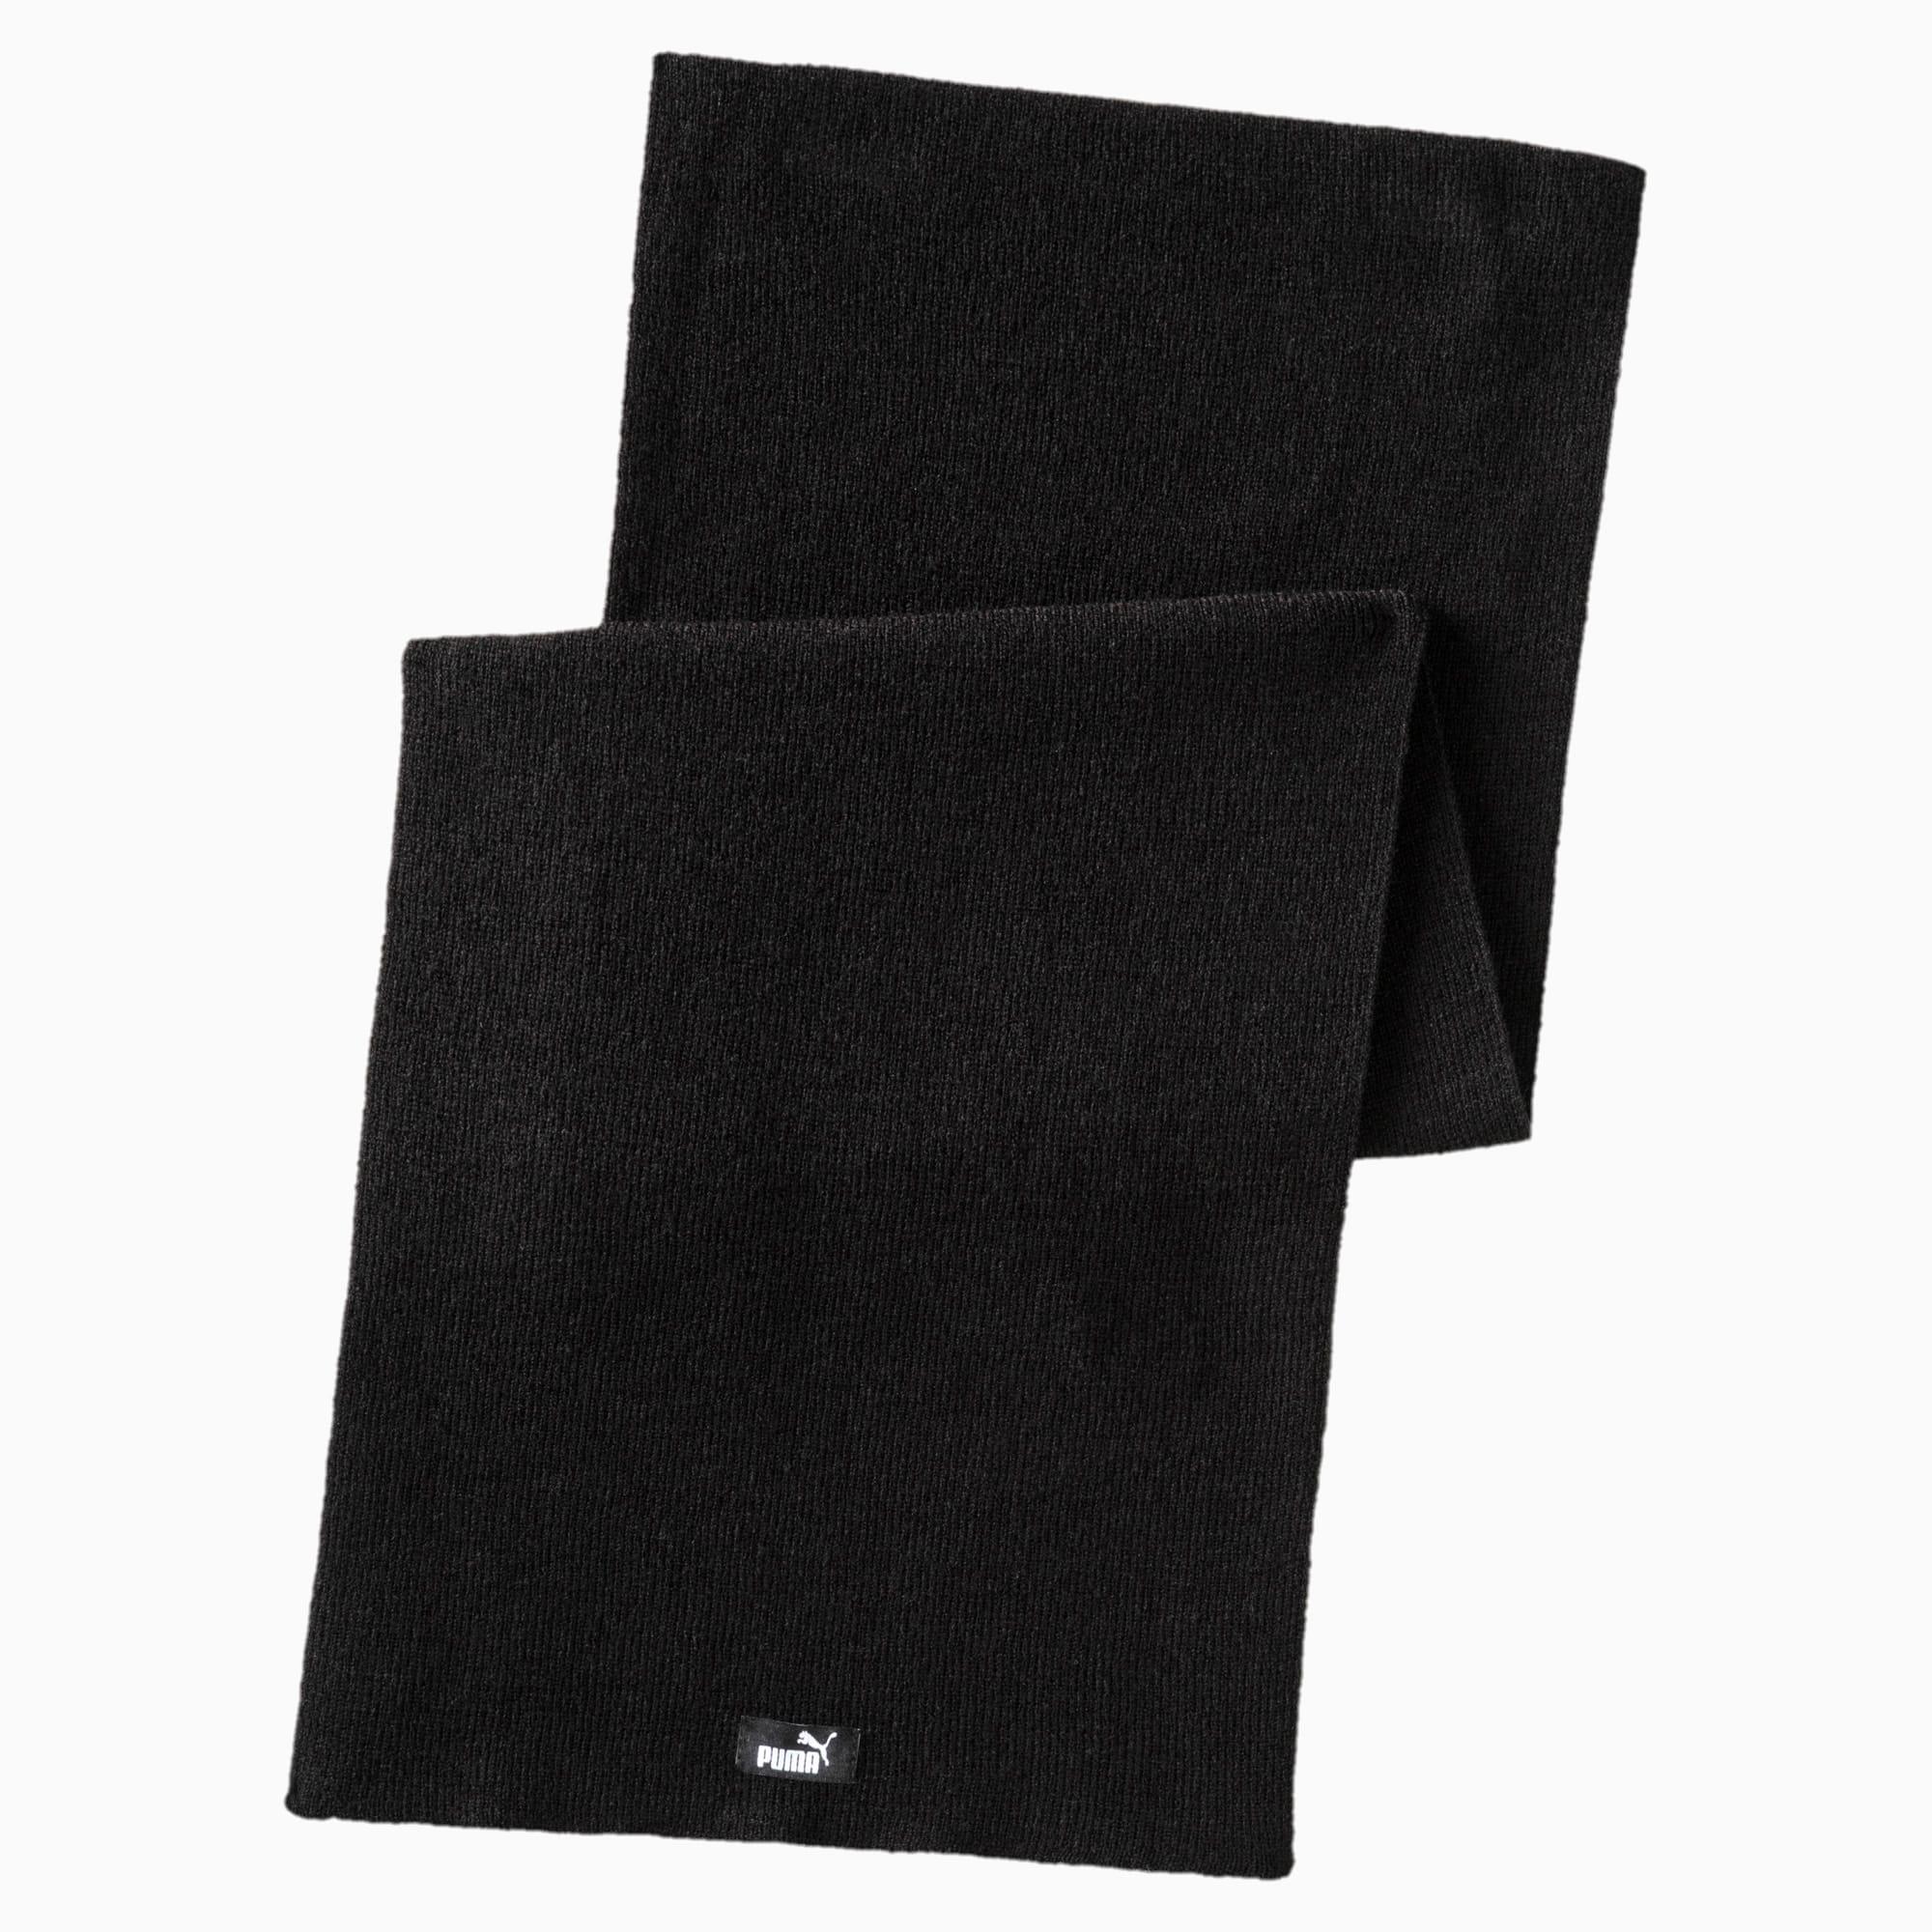 Écharpe en tricot, noir, vêtements